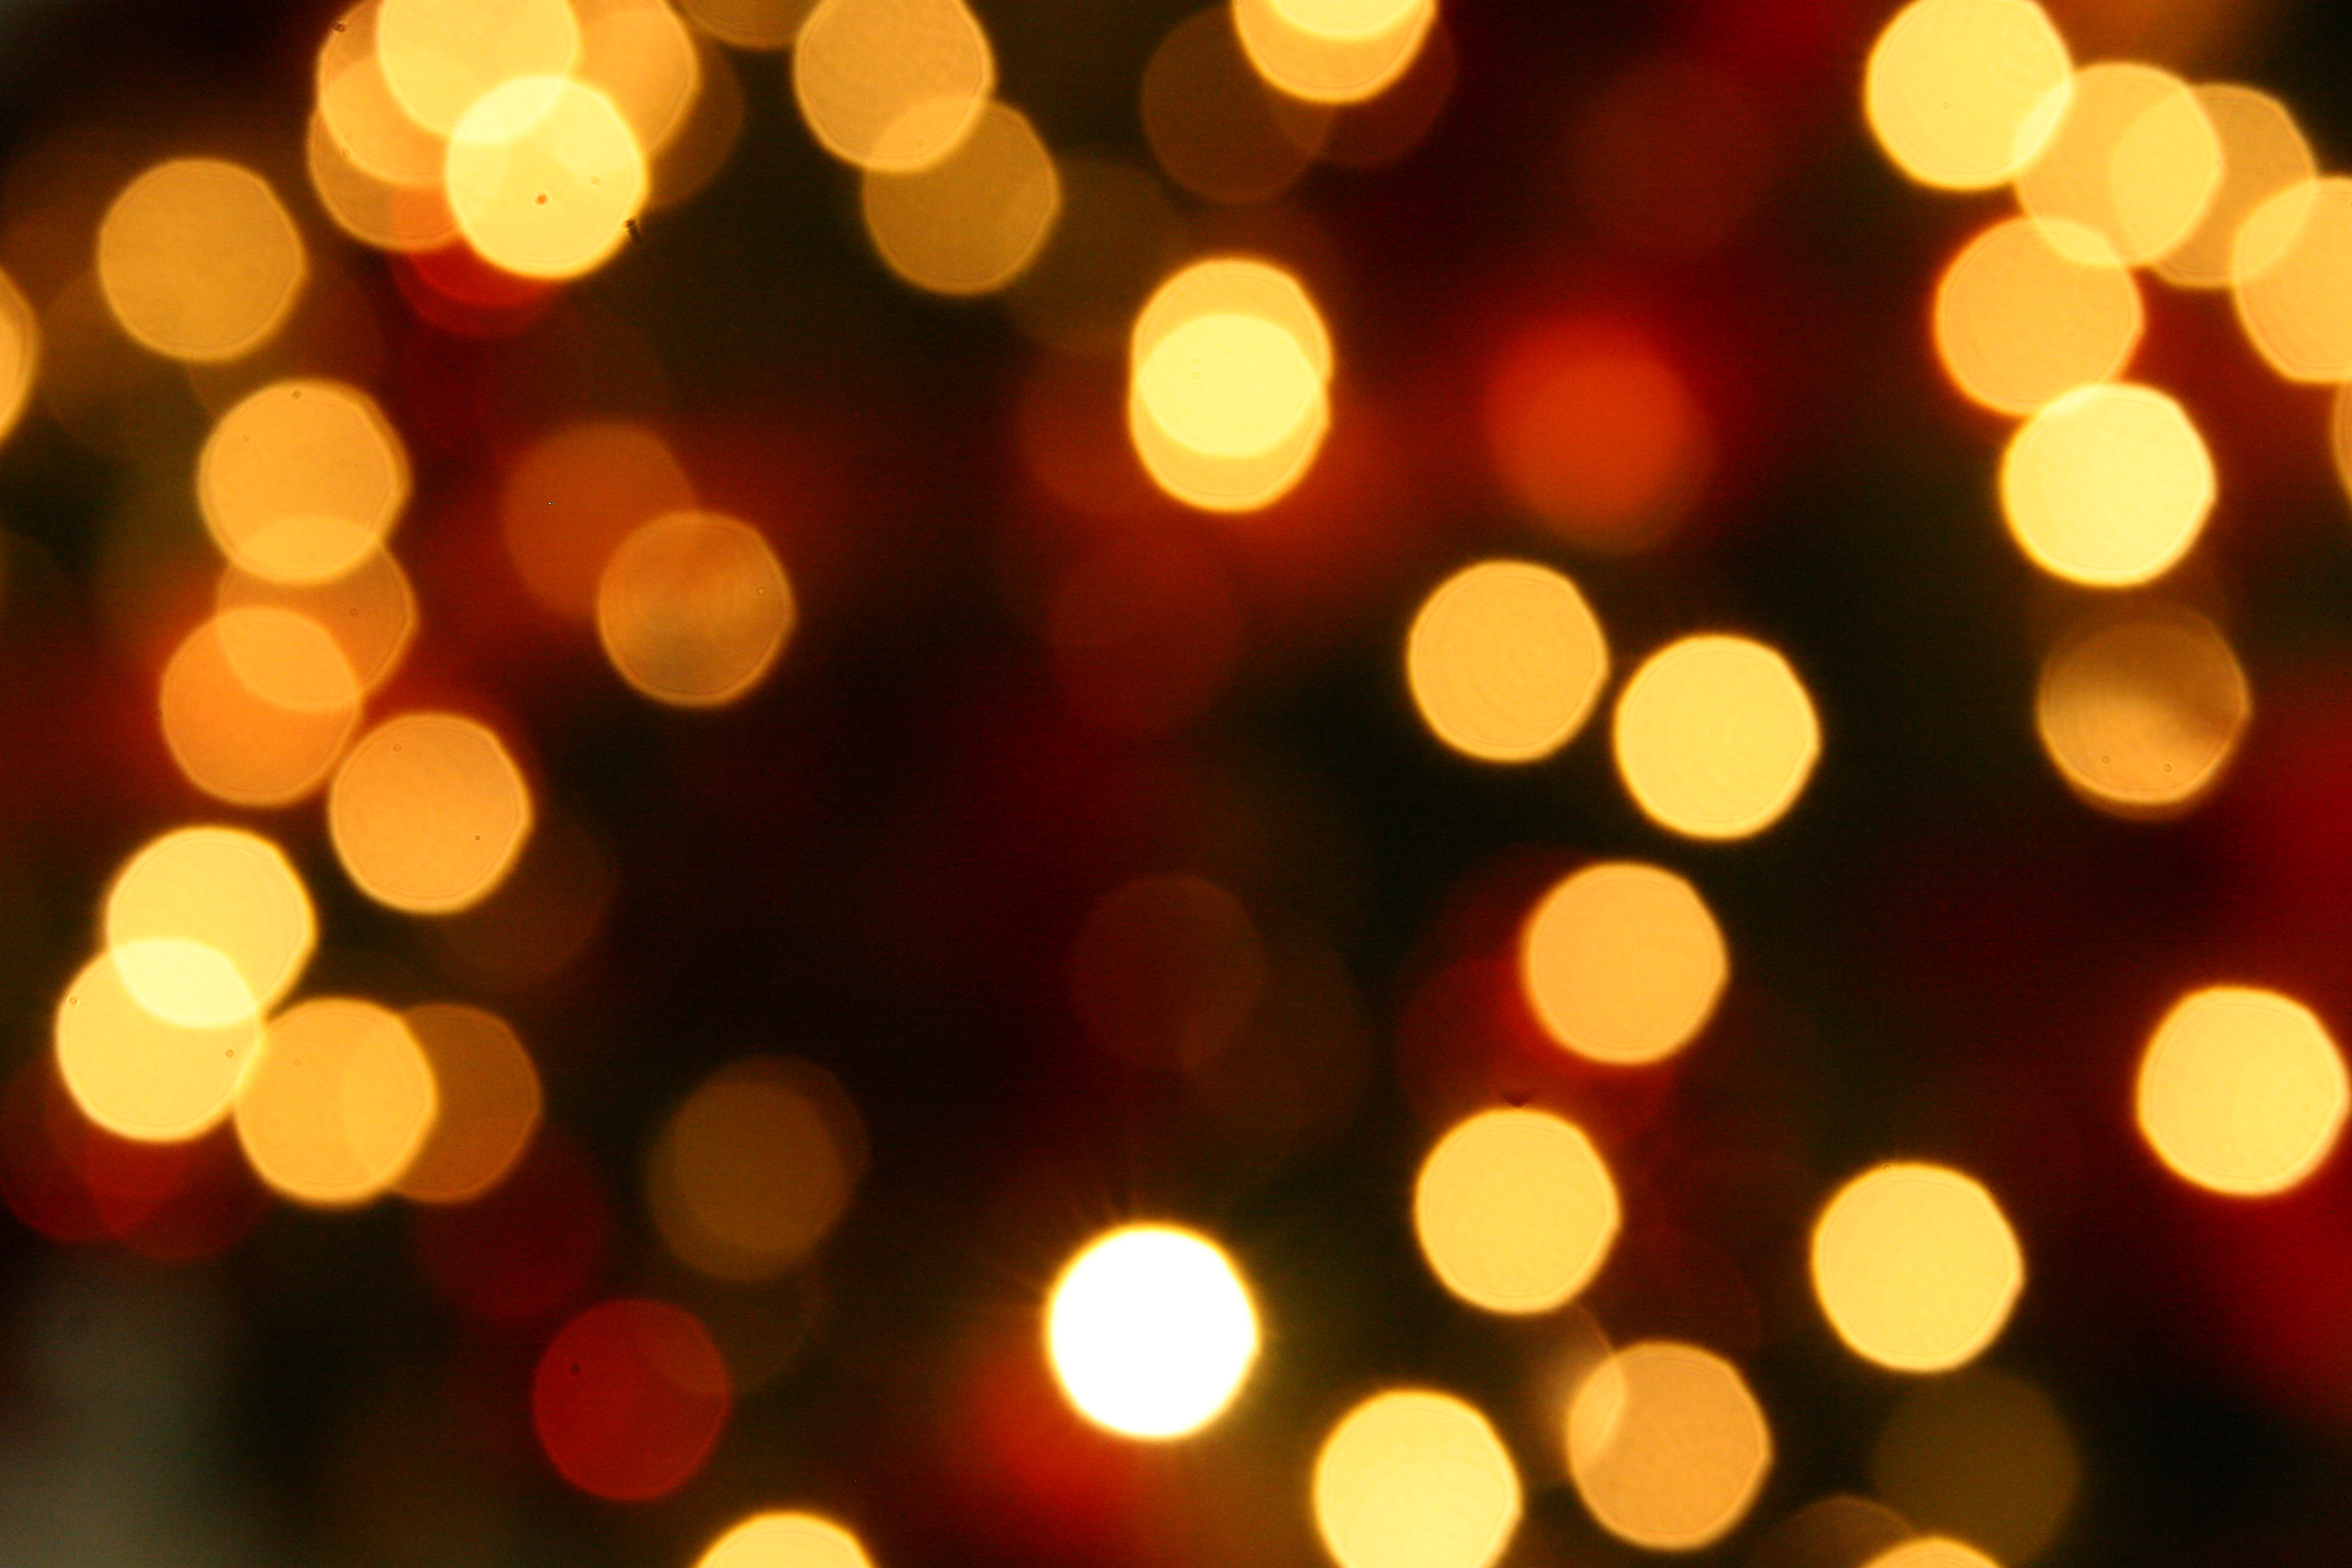 216 <b>Christmas Lights HD Wallpapers</b> | <b>Backgrounds</b> - <b>Wallpaper</b> Abyss